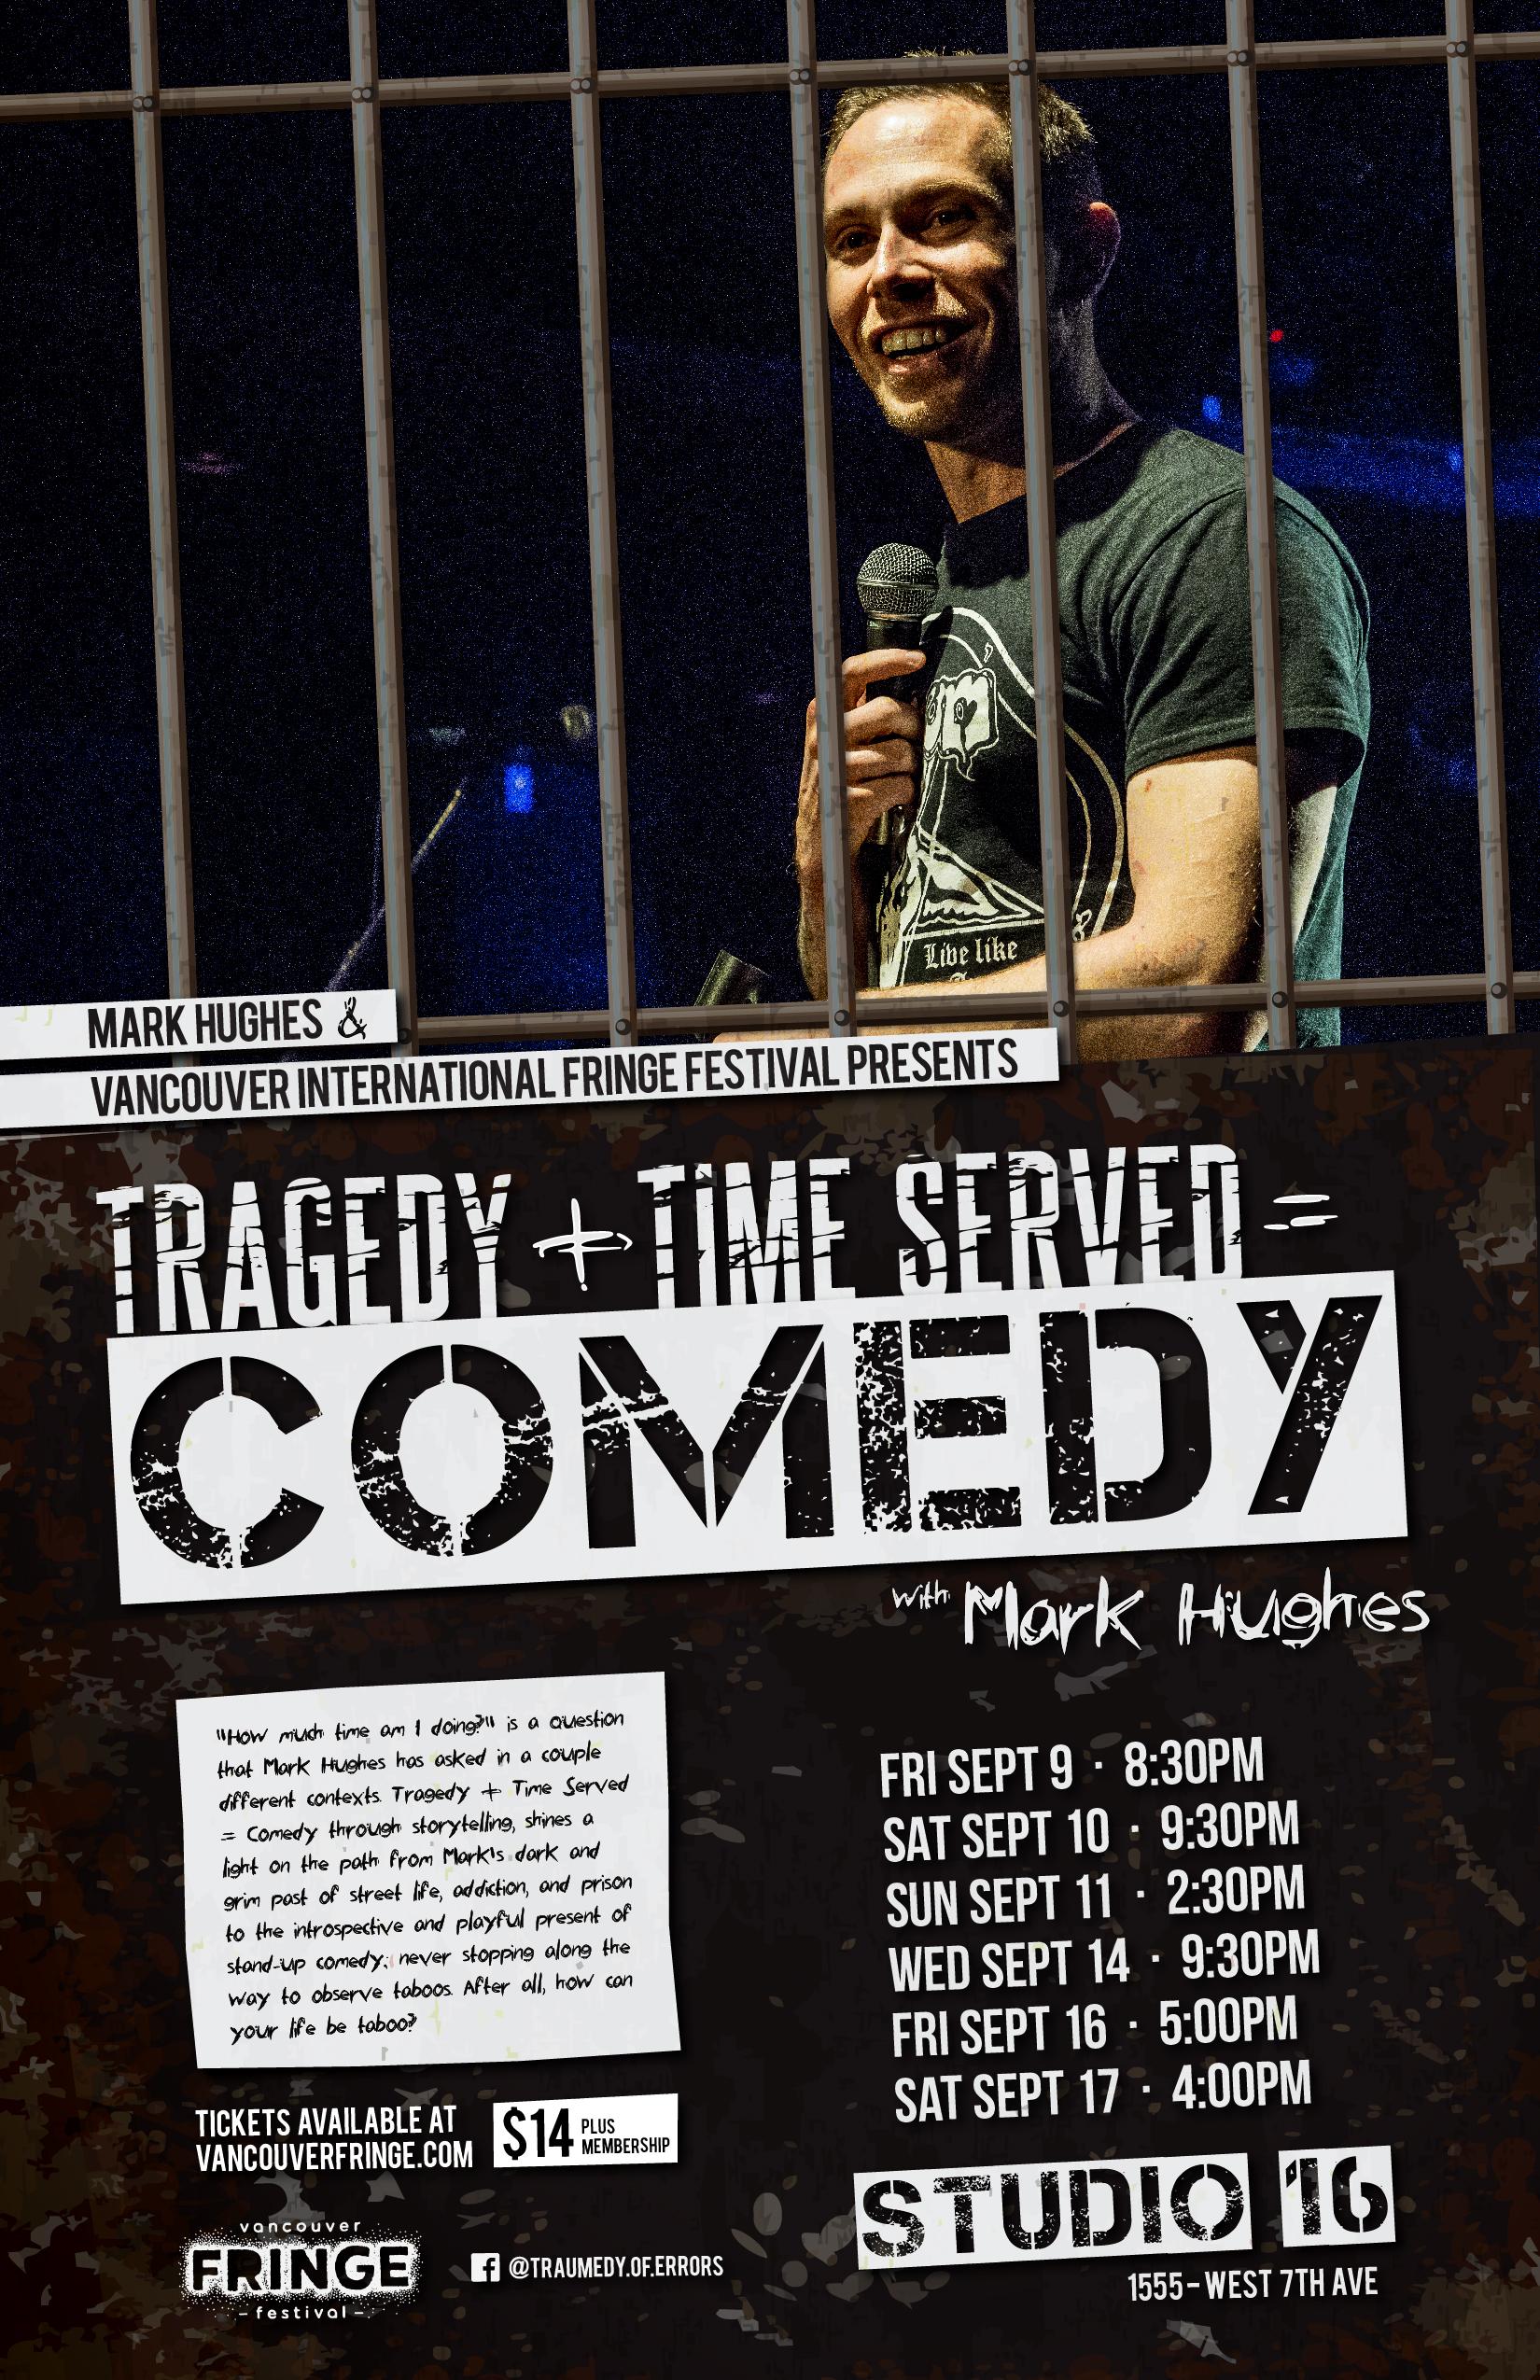 Mark-Hughes_Fringe-Fest_poster_web.jpg